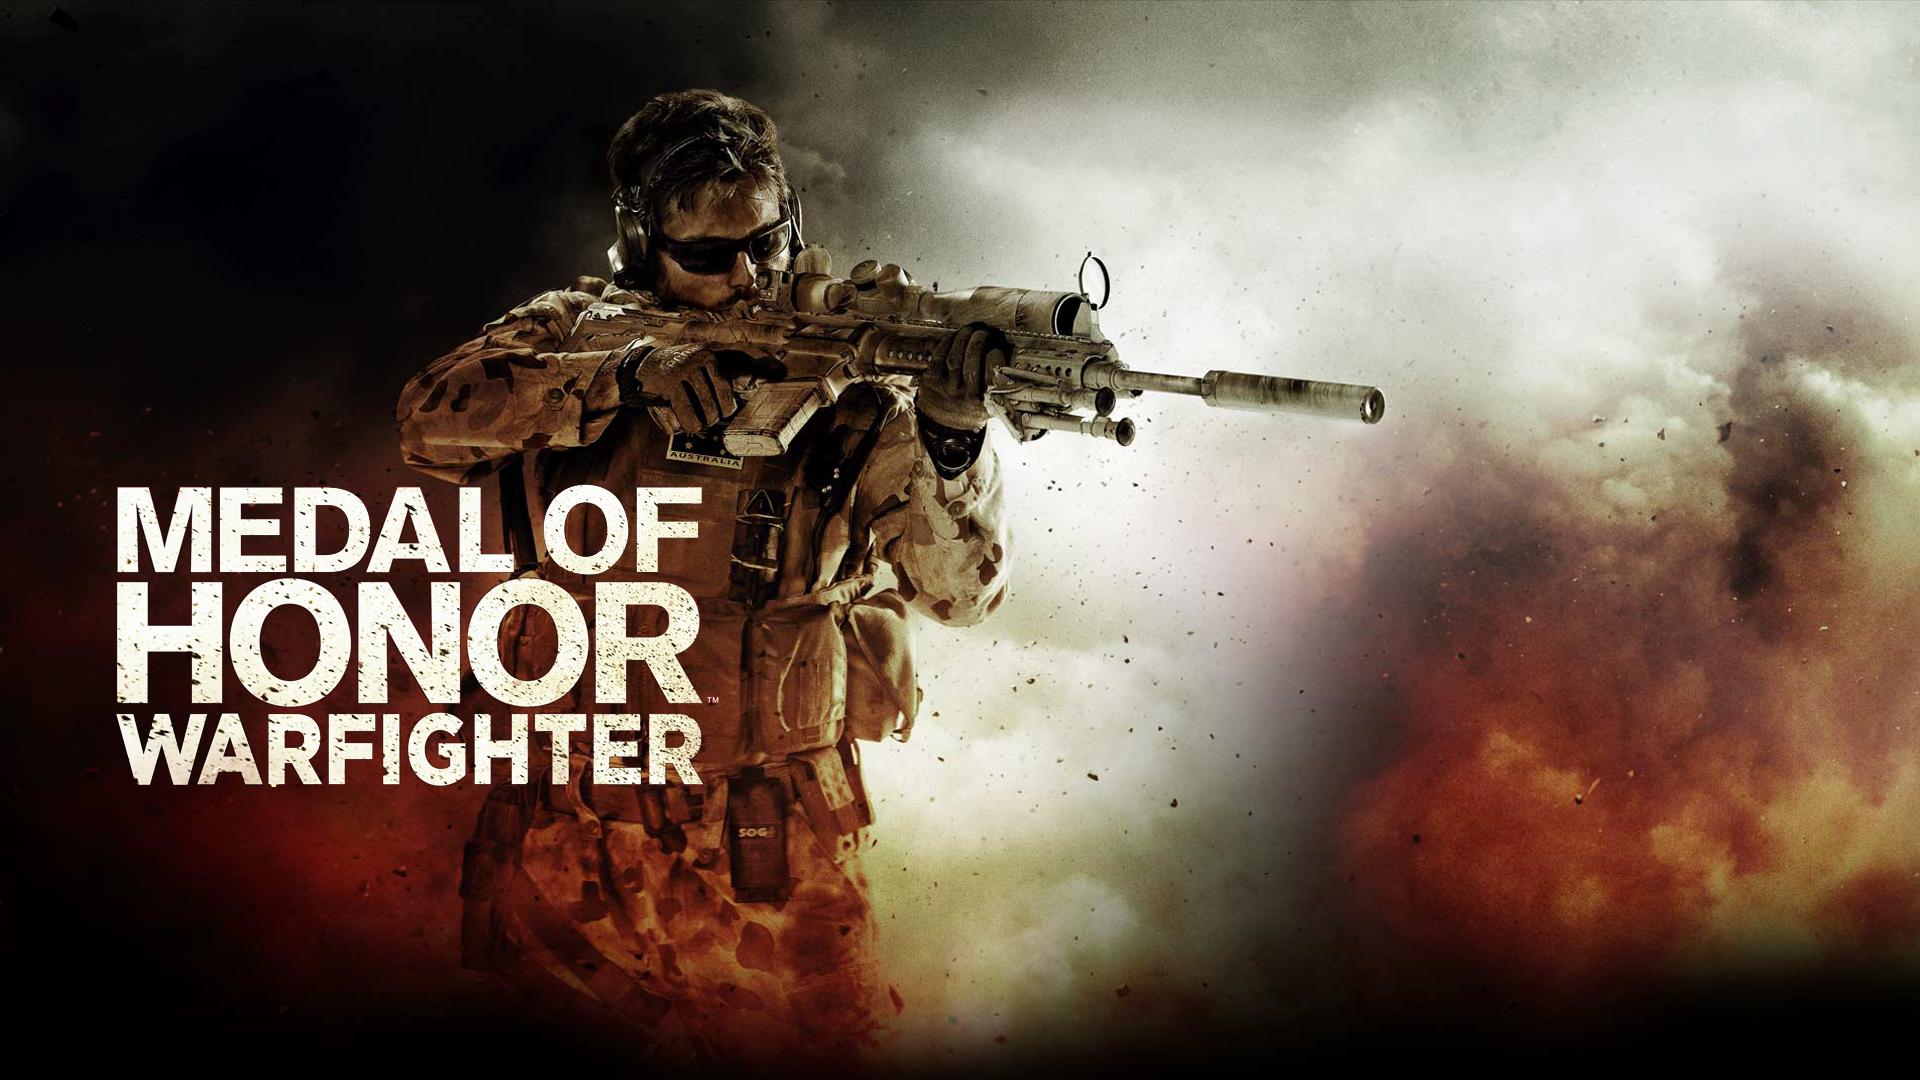 Medal of Honor Warfighter Wallpaper - WallpaperSafari